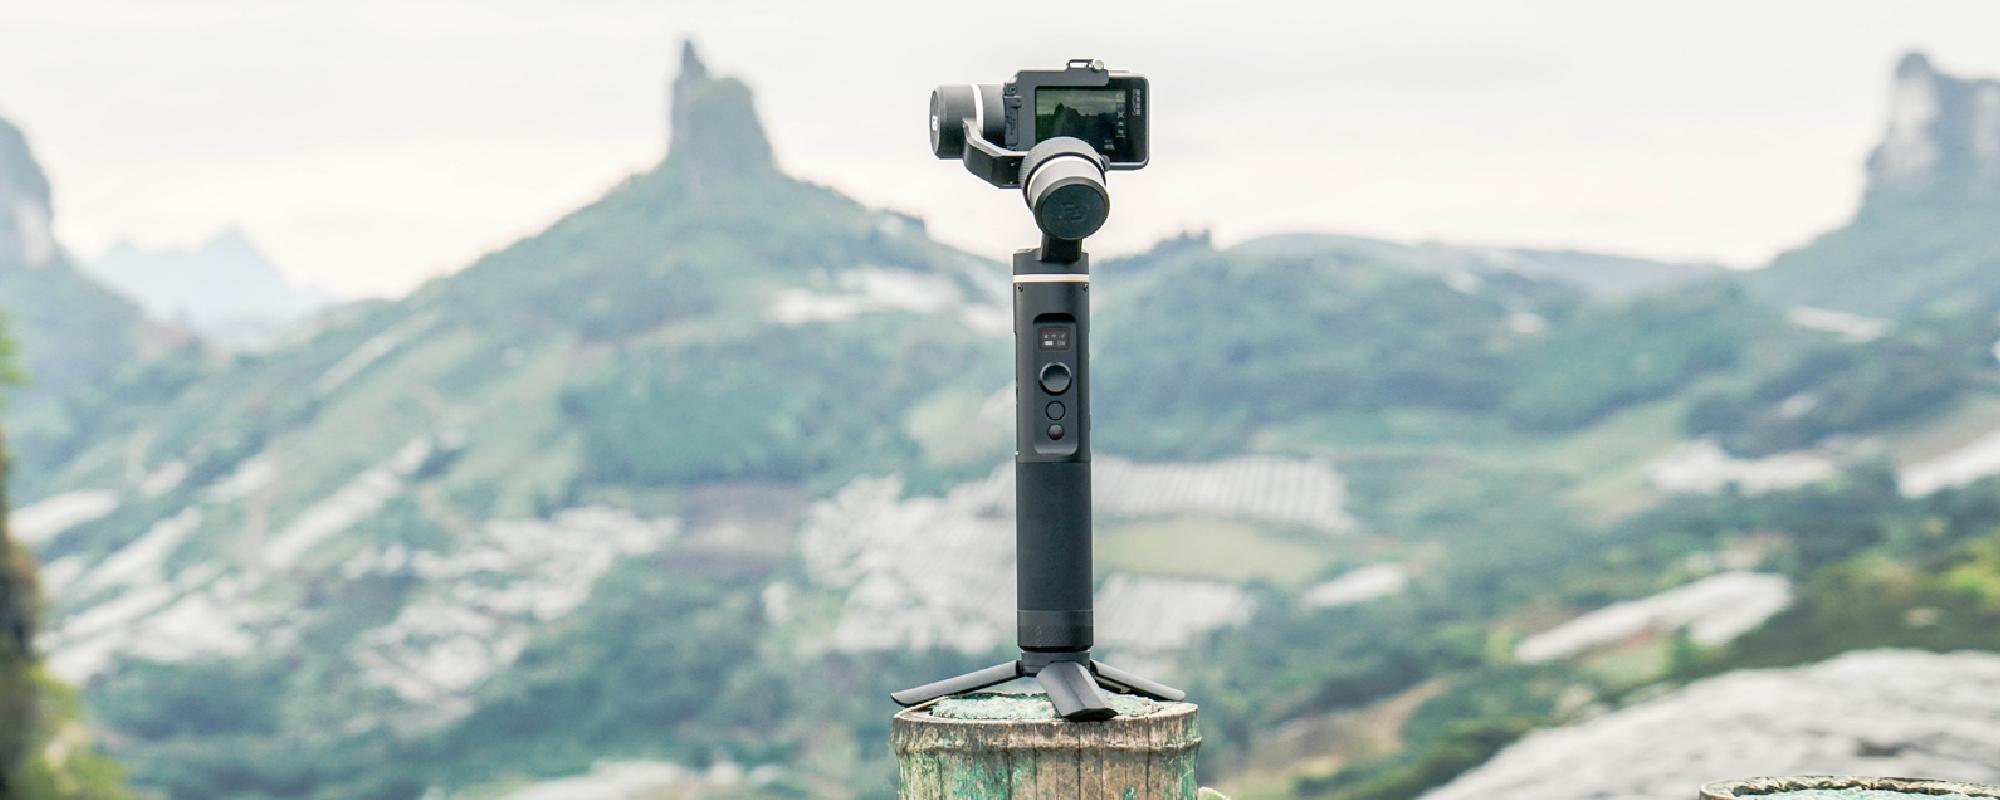 Grafika - Gimbal ręczny FeiyuTech G6 do kamer sportowych_01.jpg